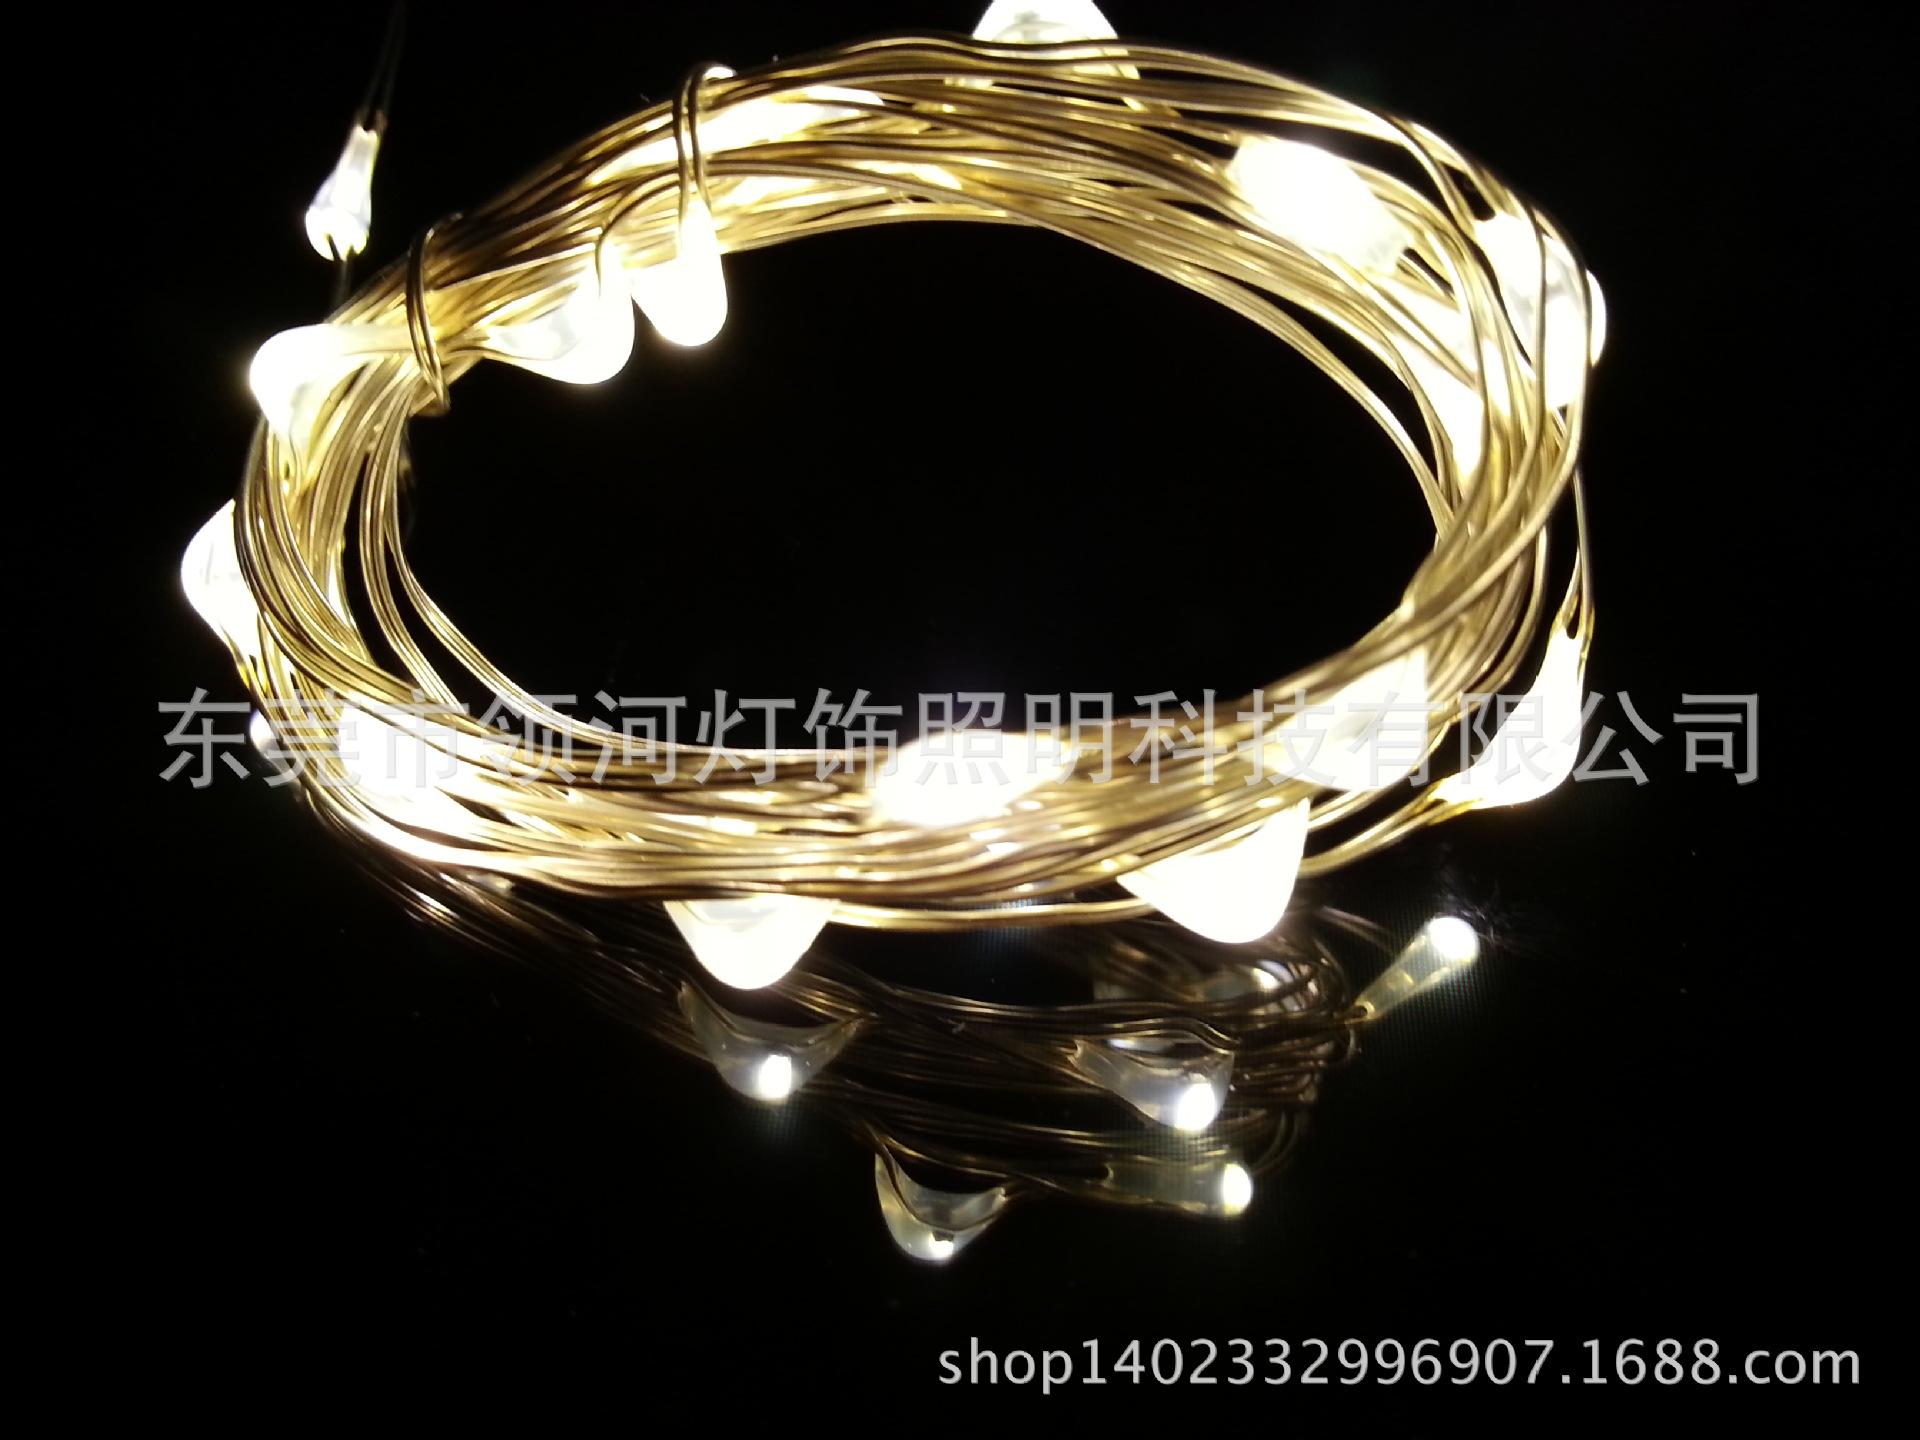 厂家供应LED铜丝灯、LED银丝灯、铜线灯,银线灯, led铜线灯串